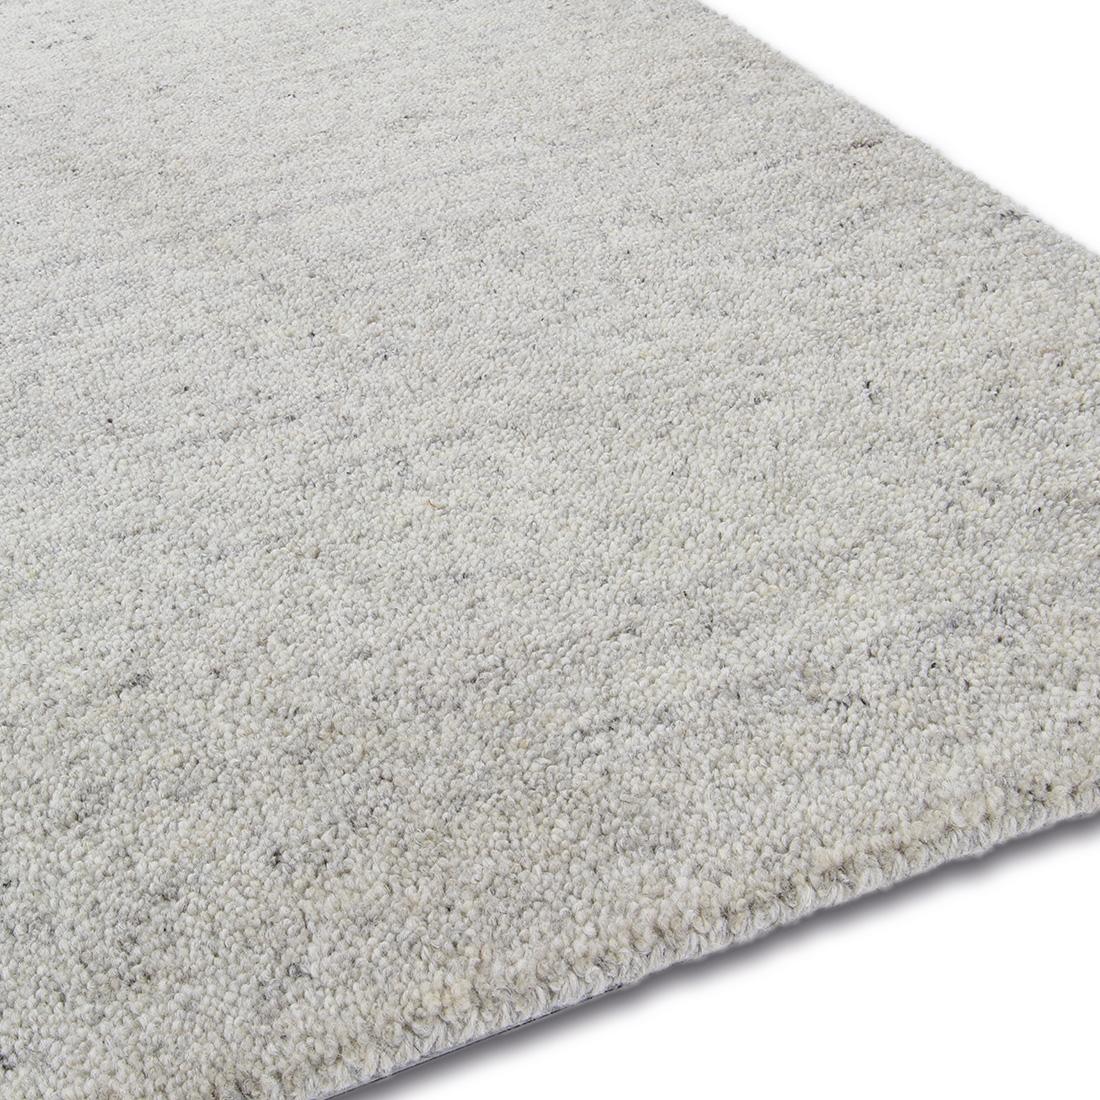 Vloerkleed Brinker Nador Middle Grey | 200 x 300 cm